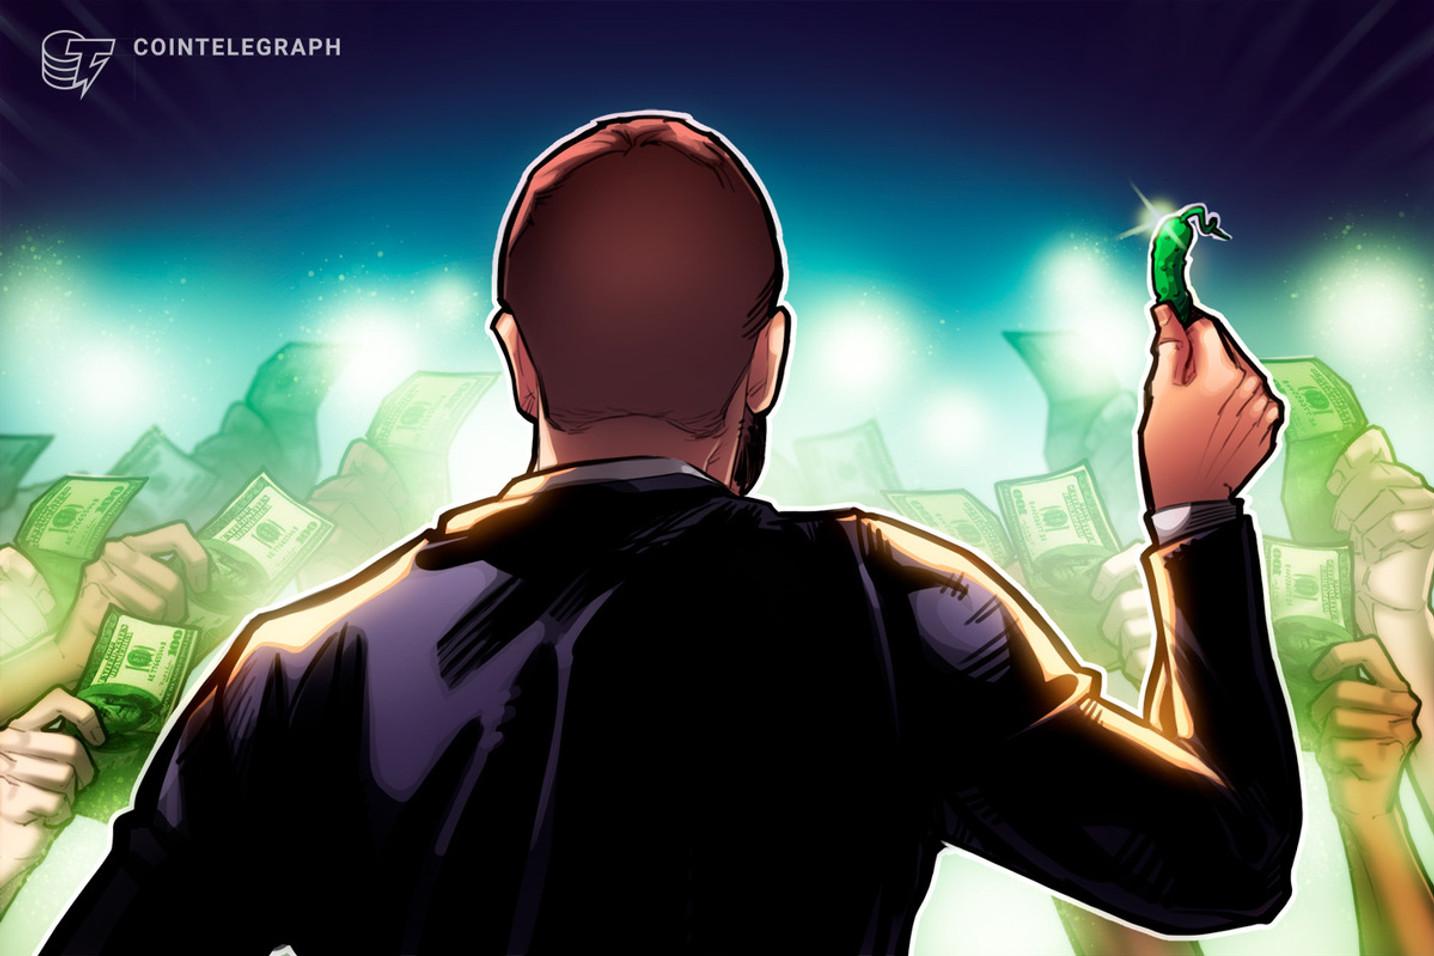 El valor total bloqueado de Pickle.Finance supera los USD 347 millones en 4 días